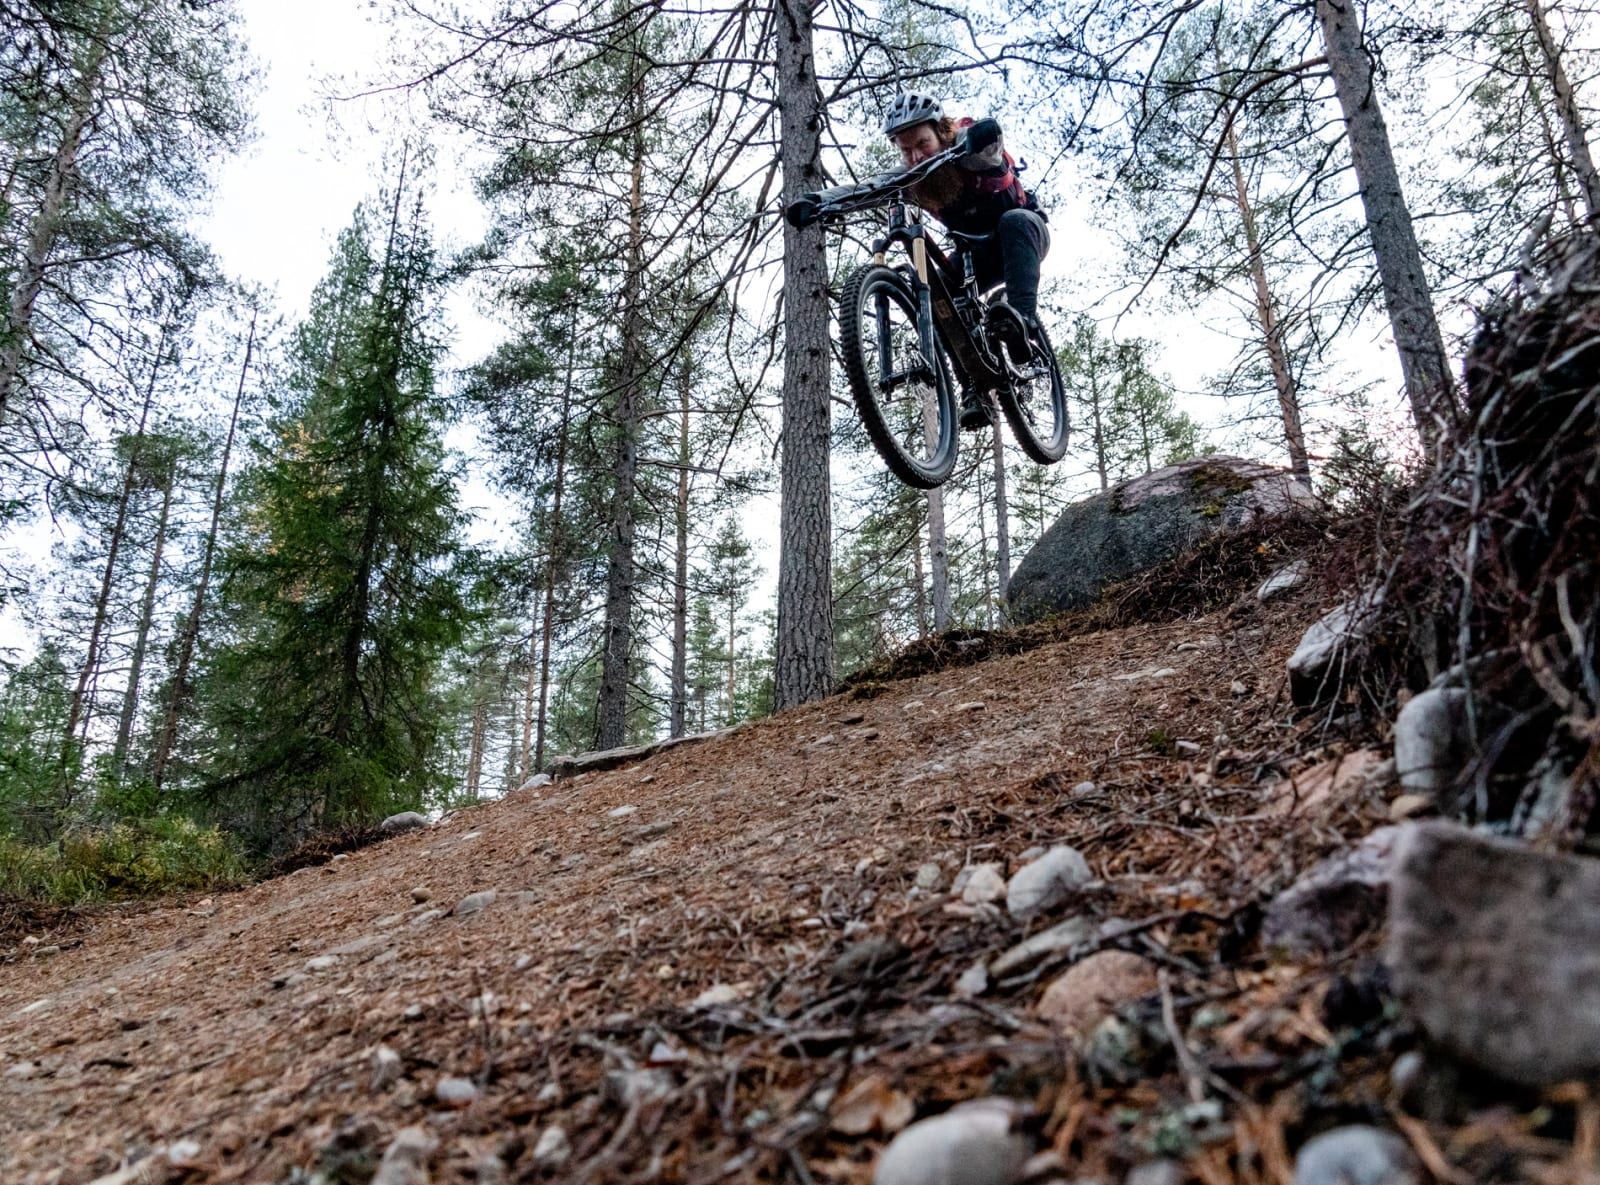 DROPP: Aslak Mørstad viser hvordan ut en stein med blind landing i Trysil. Bilde: Christian Nerdrum